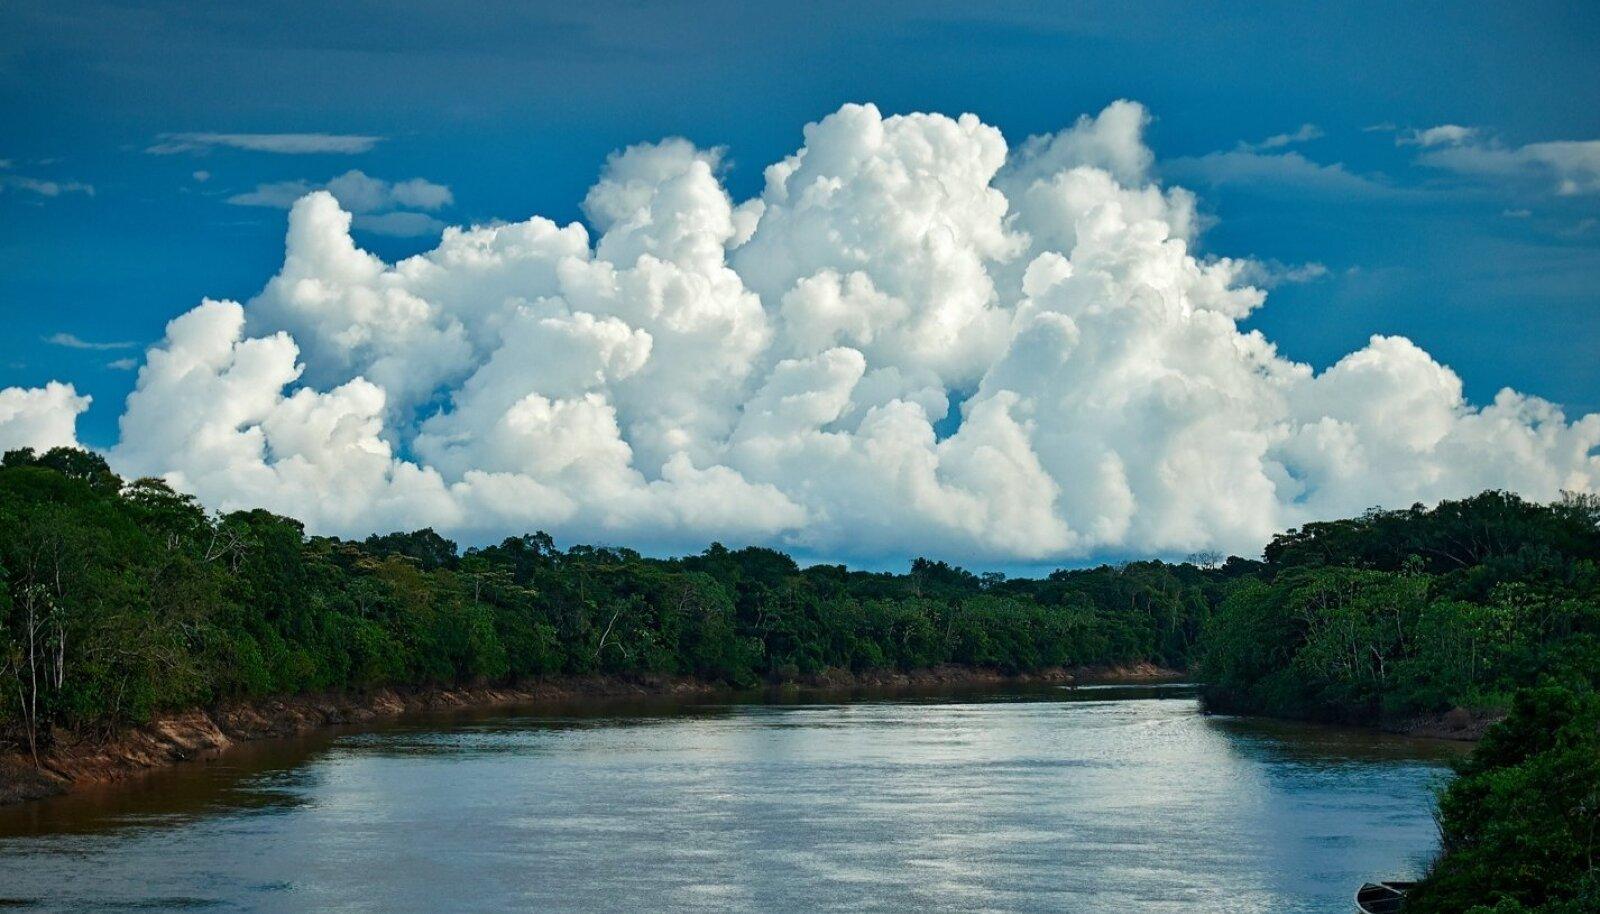 """Minu pildikomplekt """"Metsast linna"""" uurib Amazonase vihmametsa inimeste pidevat linnastumisprotsessi. Jõgi on teekond, mille lõpus ootavad elektriühendus, värvilised riided ja magusad joogid. Ning mis kõige tähtsam -  lootus paremale elule. Reaalsus on aga üks kummaline nõiaring, kus metsast saabub inimesi aina juurde, aga linnas pole neil tegelikult midagi peale hakata.Nii kasvavad linnade ümber hiiglaslikud isetekkelised linnaosad, mis on veider düsfunktsionaalne sümbioos linnast ja metsast. Aga unistus jääb."""